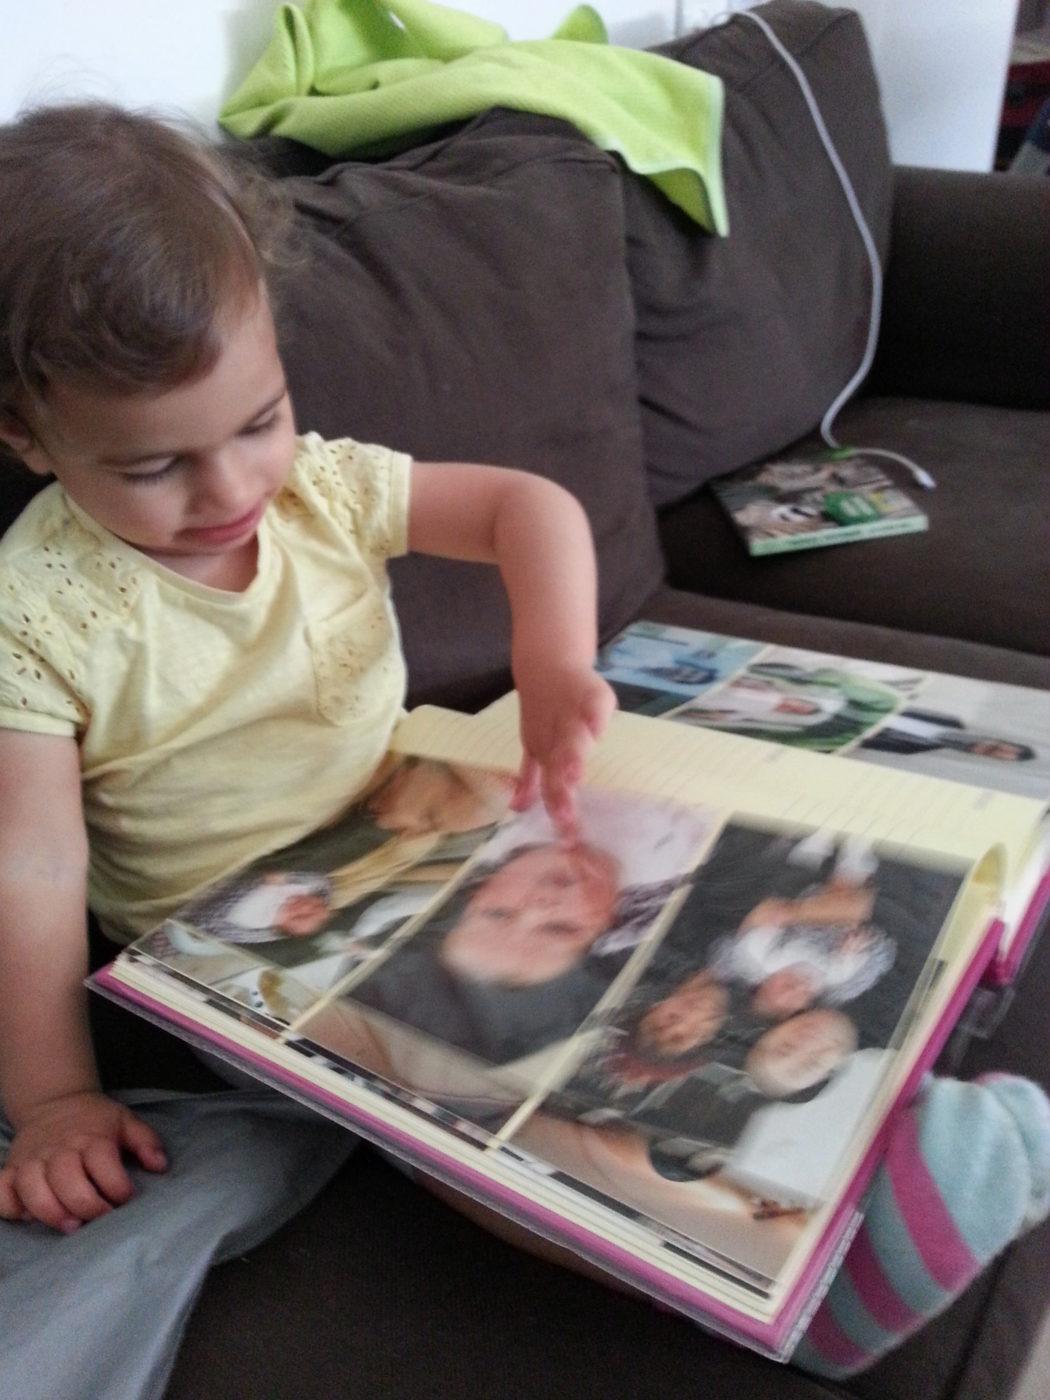 שם השולח: אביטל פתאל. בתי בת השנה ו7 חודשים לא מבינה מדוע התמונה המודפסת לא מתחלפת כאשר היא מחליקה את האצבע עליה.. ככה זה כשתינוקת מגיל אפס מתבוננת בתמונות יומיום ממכשיר הגלקסי של אמא שלה. תמונה זו, ללא ספק מבטאת יותר מכל את החיים בעידן הדיגיטלי.